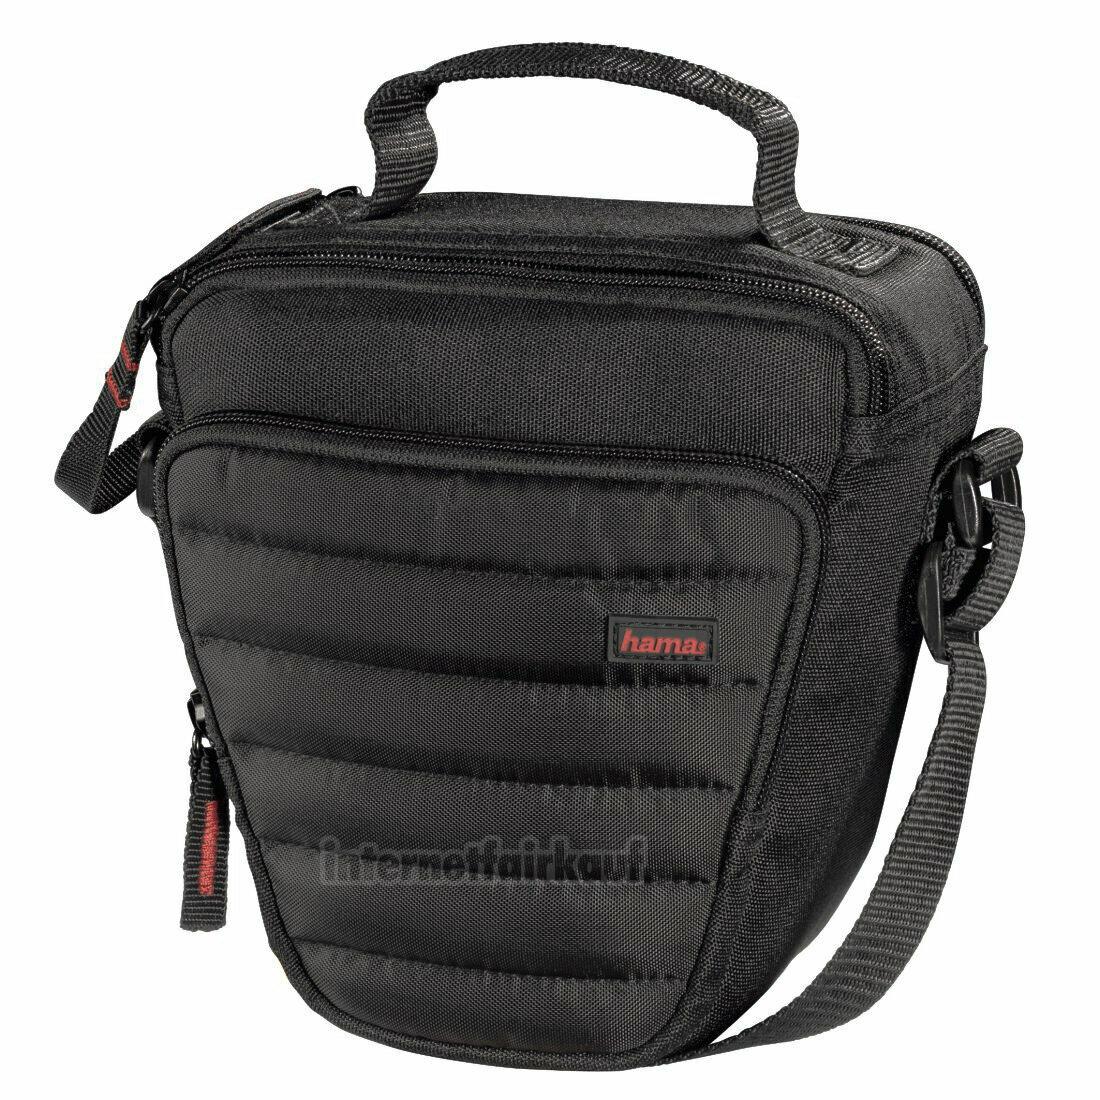 Kameratasche passend für Sony DSC-HX400V HX350 HX300 - Fototasche